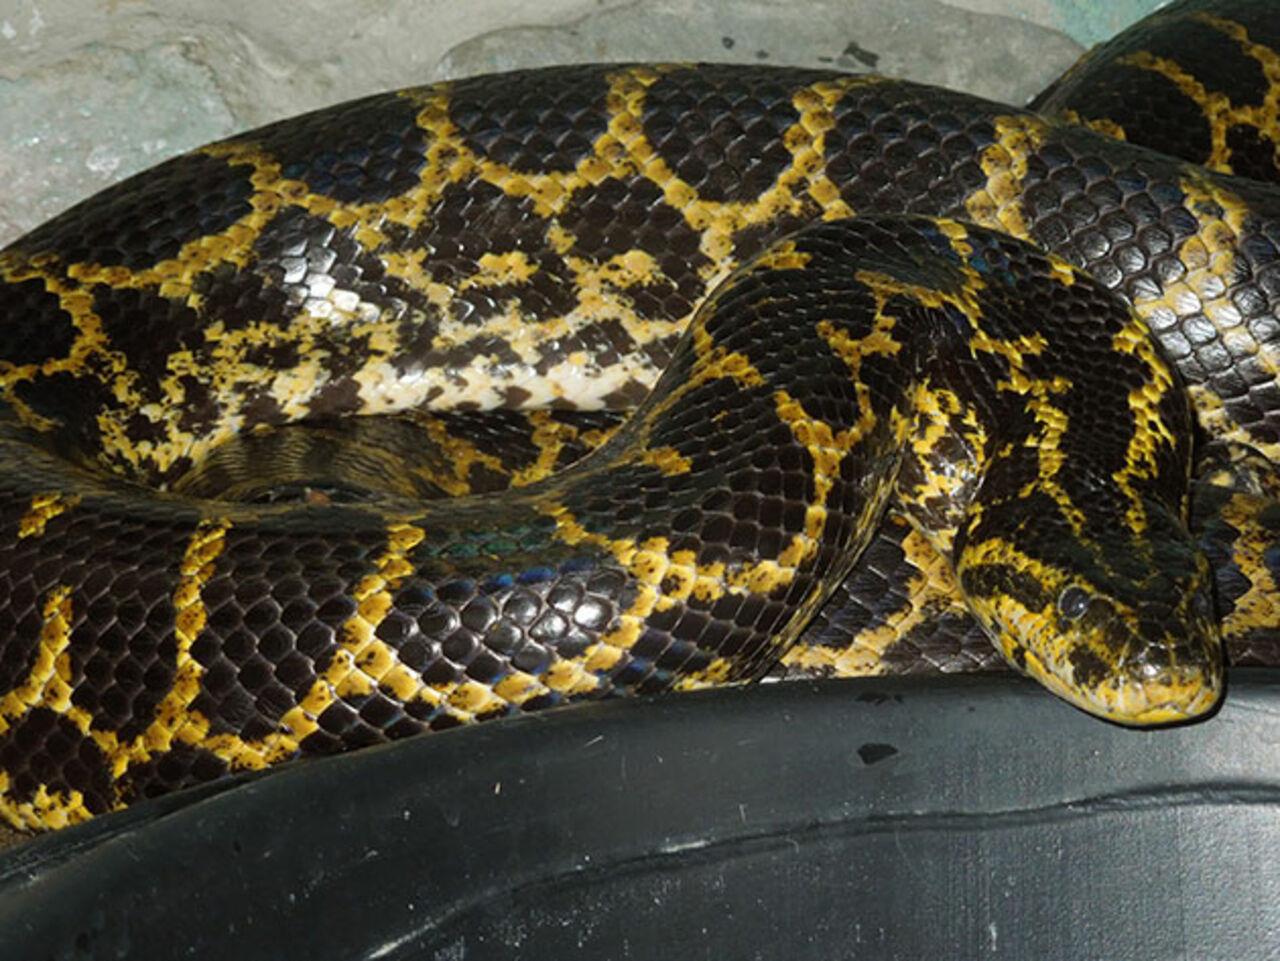 ВКузбассе находится самая старая змея в Российской Федерации